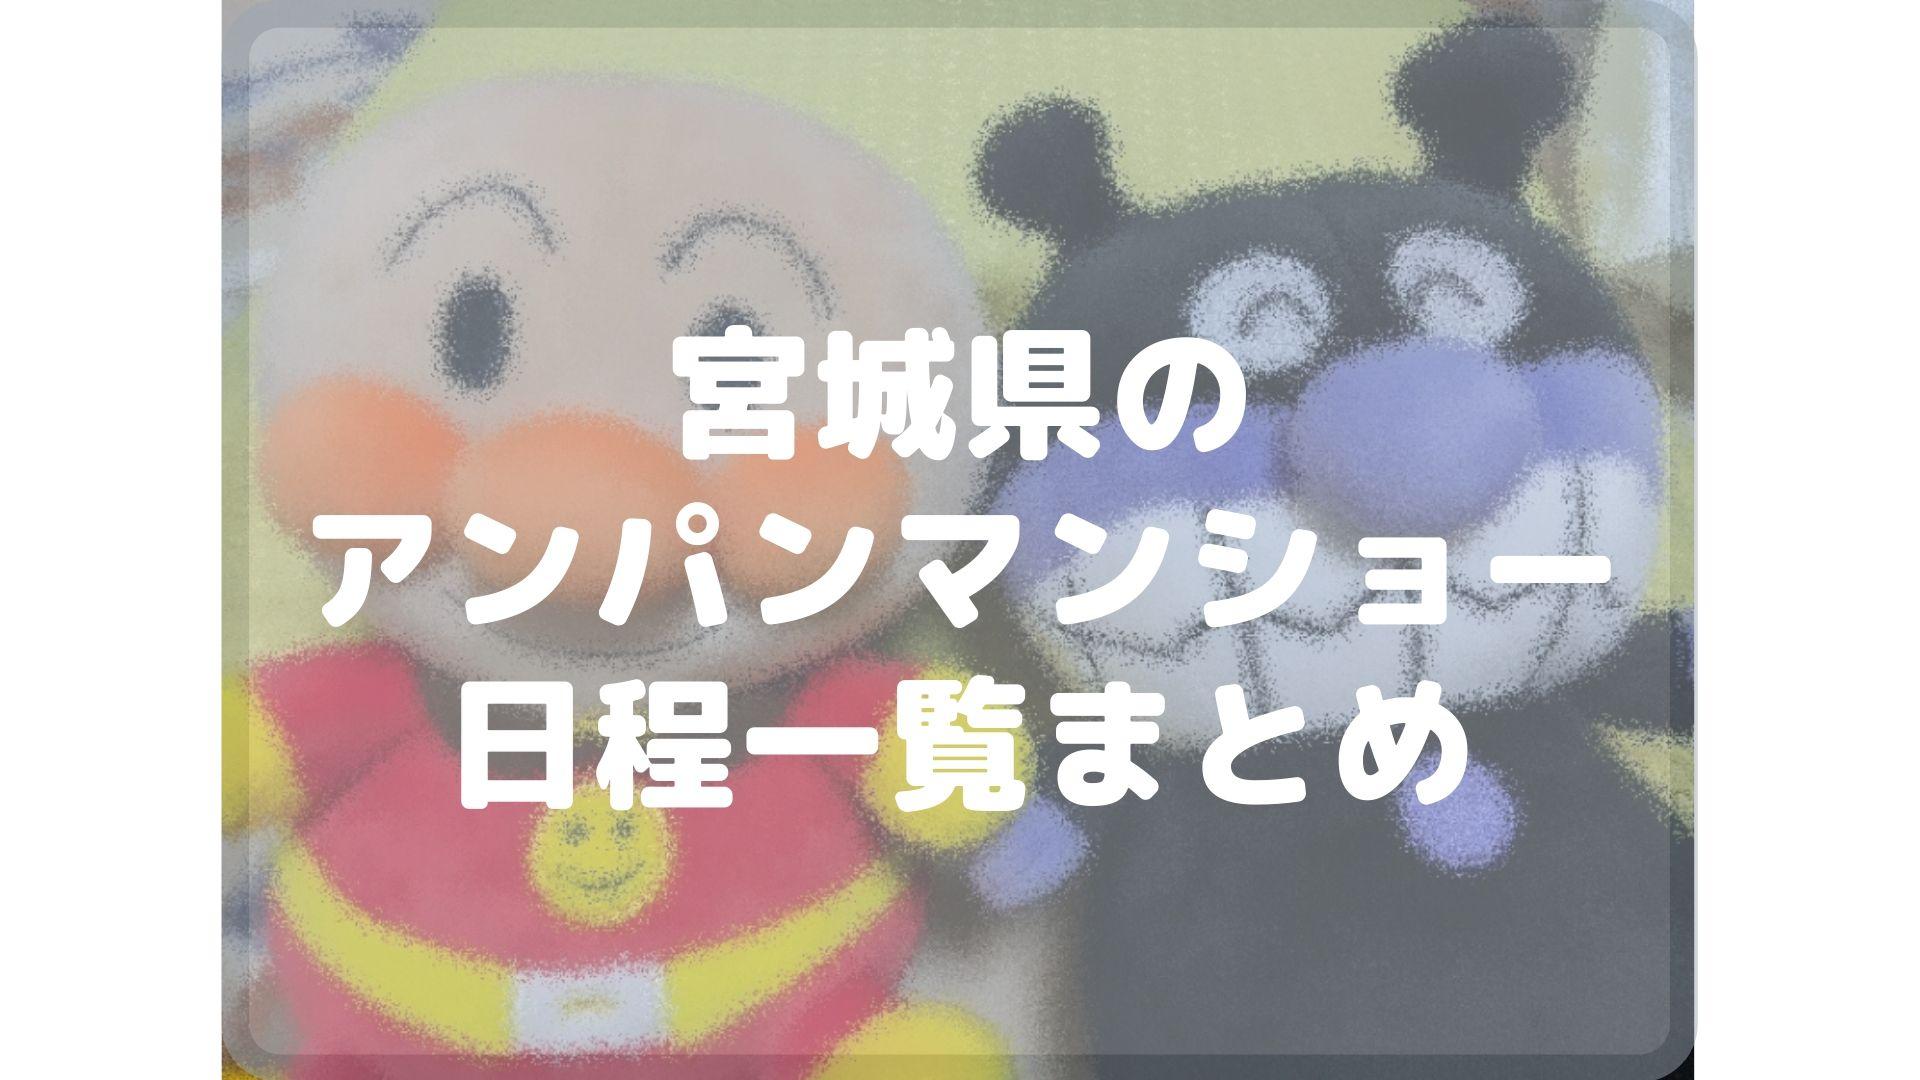 宮城県のアンパンマンショーまとめタイトル画像